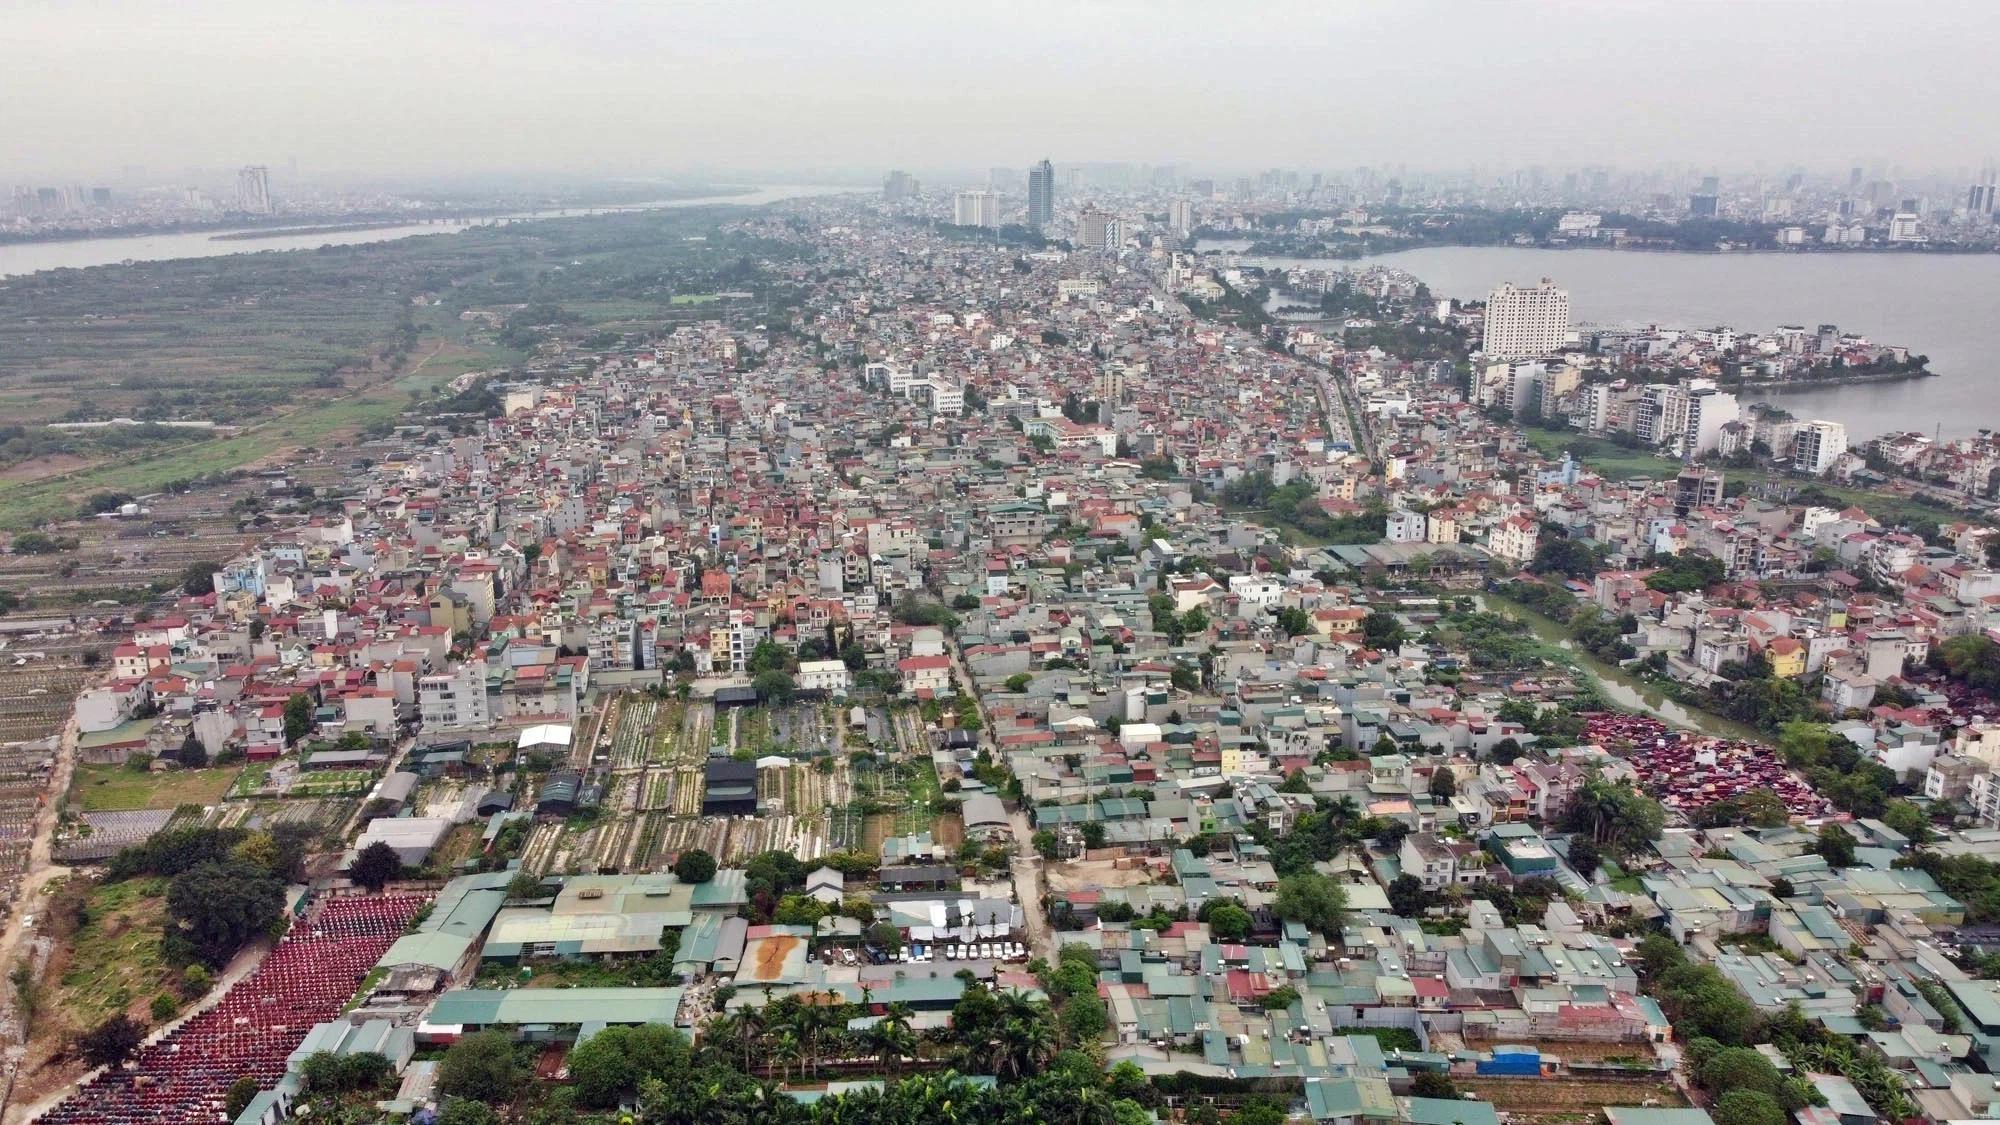 Toàn cảnh hiện trạng Phân khu đô thị sông Hồng trên địa bàn quận Tây Hồ - Ảnh 22.